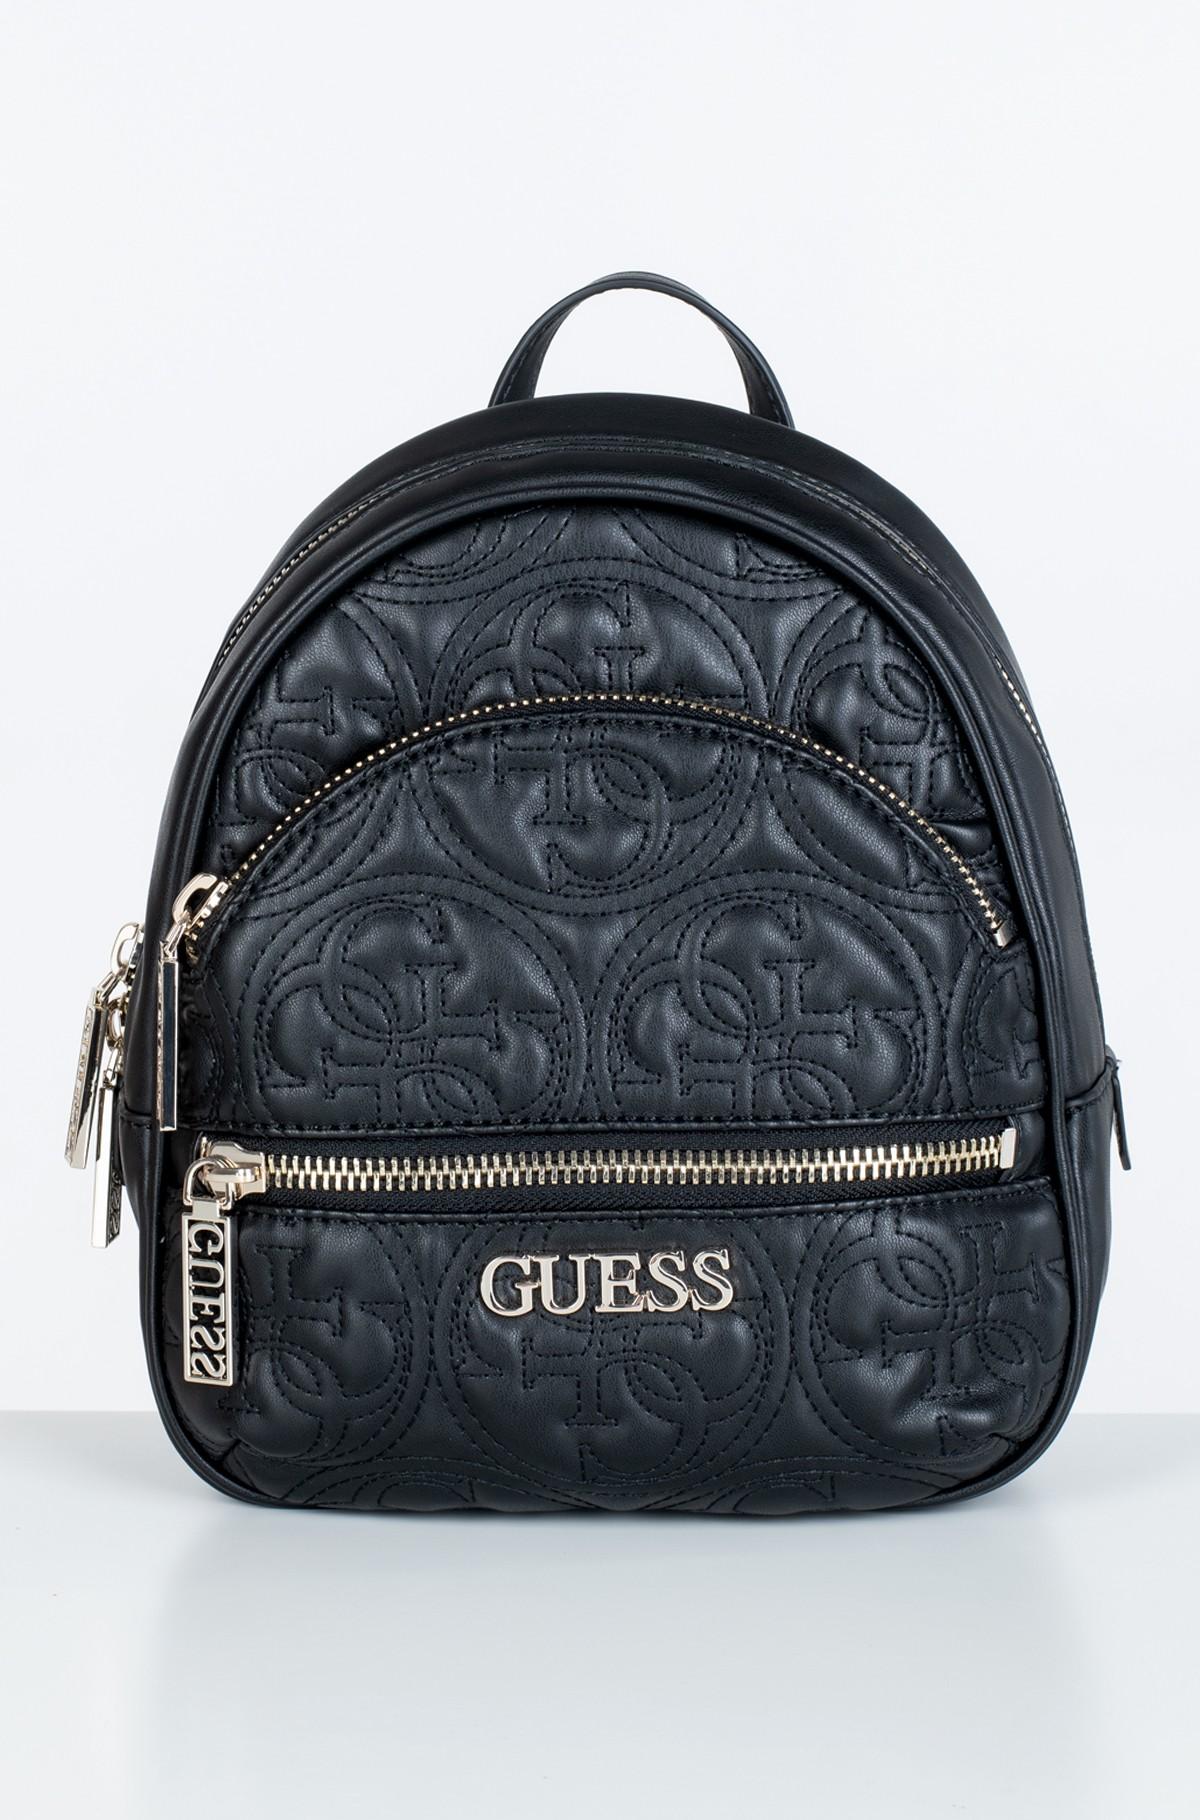 Backbag HWQG69 94310-full-1